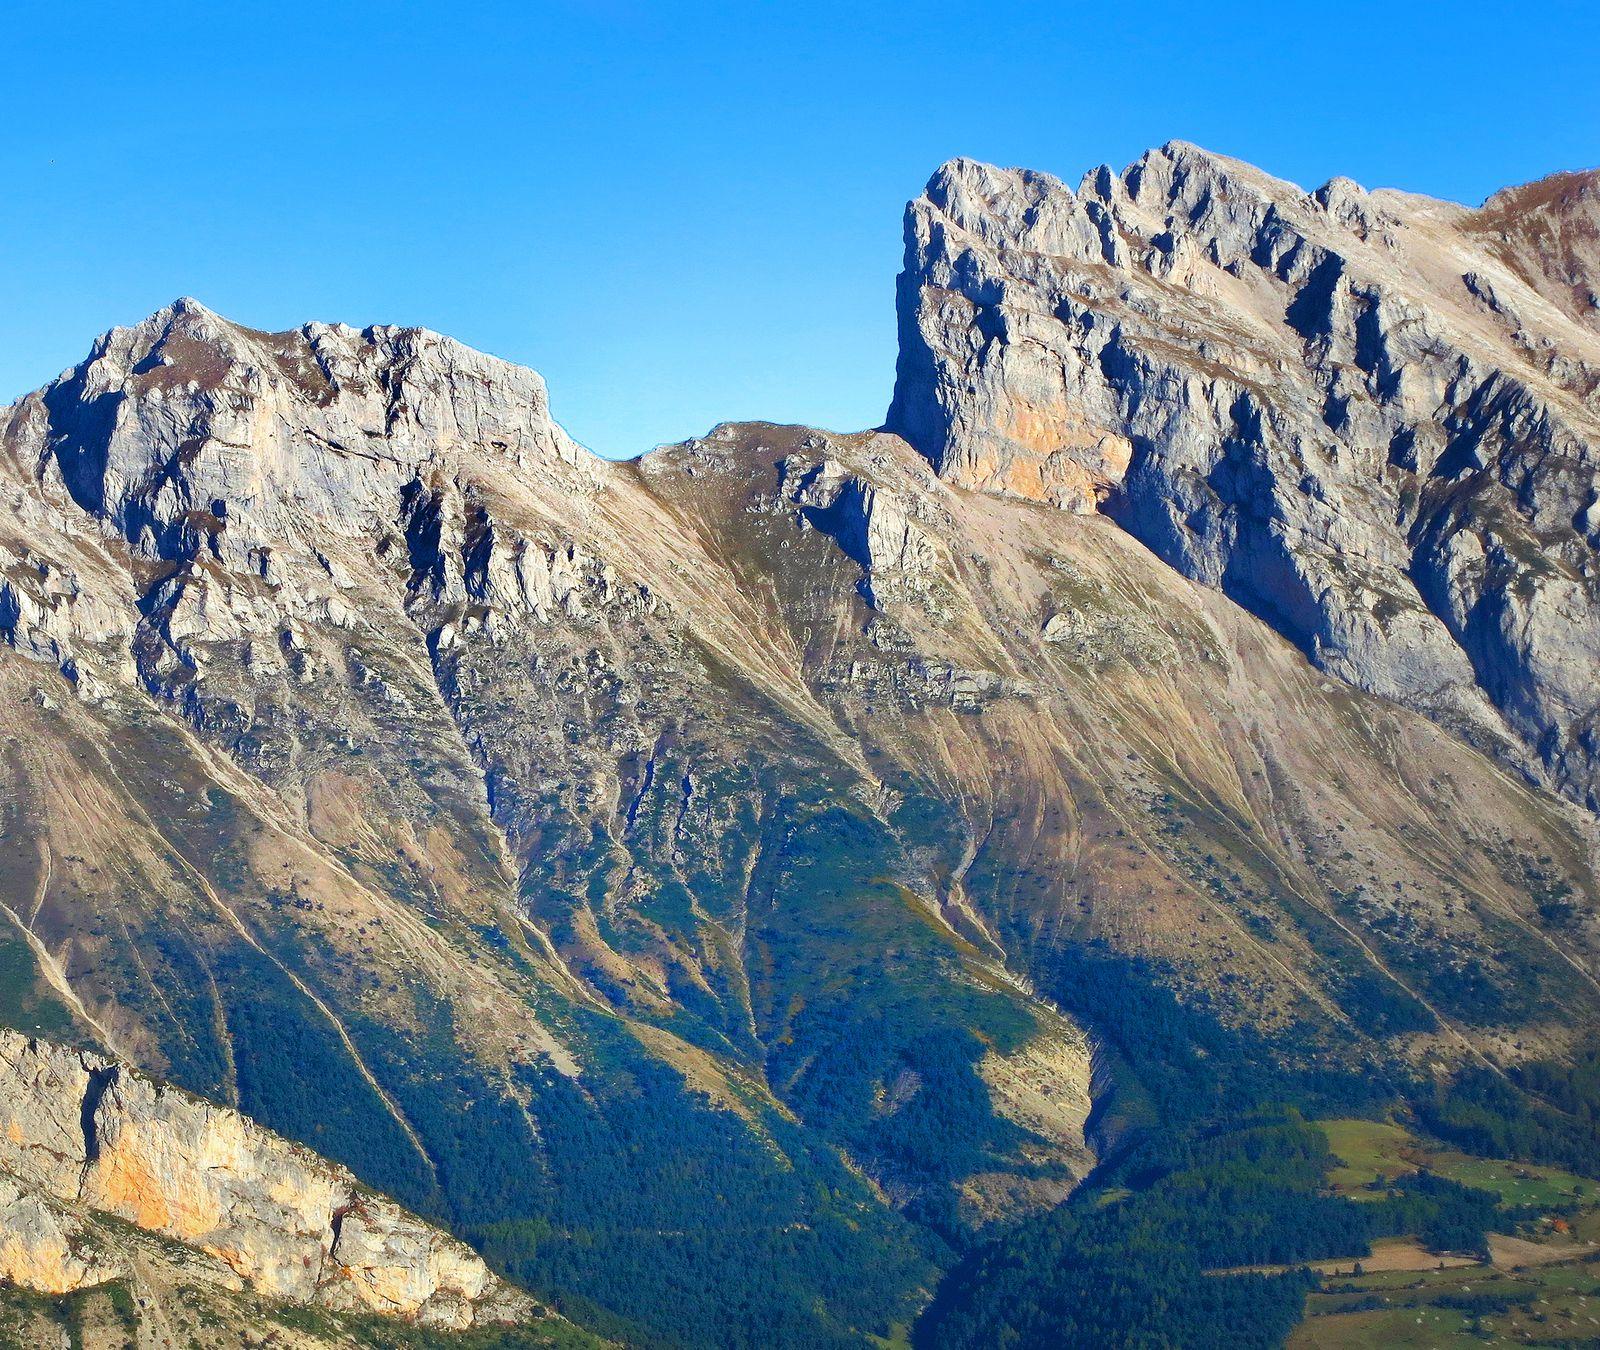 La brèche de Faraut avec les Jumeaux à sa droite. Si l'on est descendu par le versant est, on peut revenir sur le versant ouest en la franchissant, mais il faut remonter de 600 mètres...